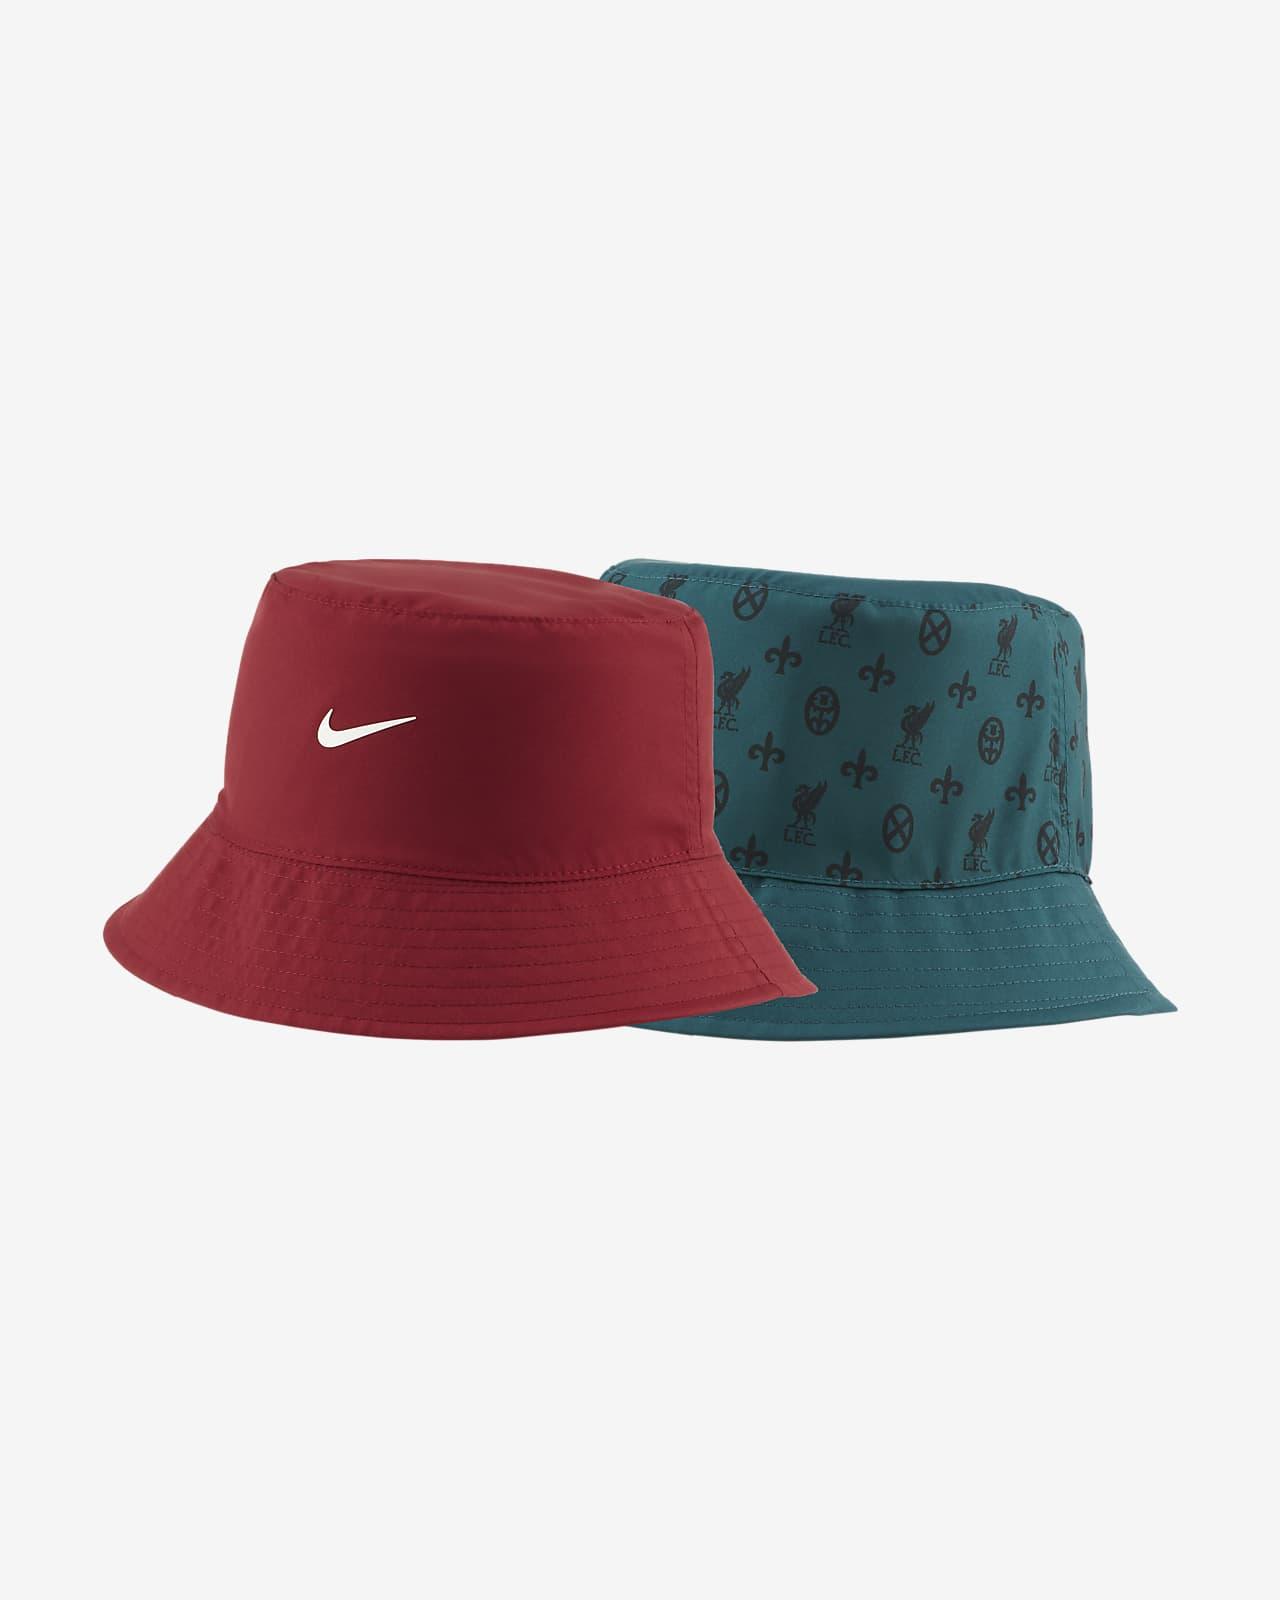 Liverpool F.C. Reversible Bucket Hat